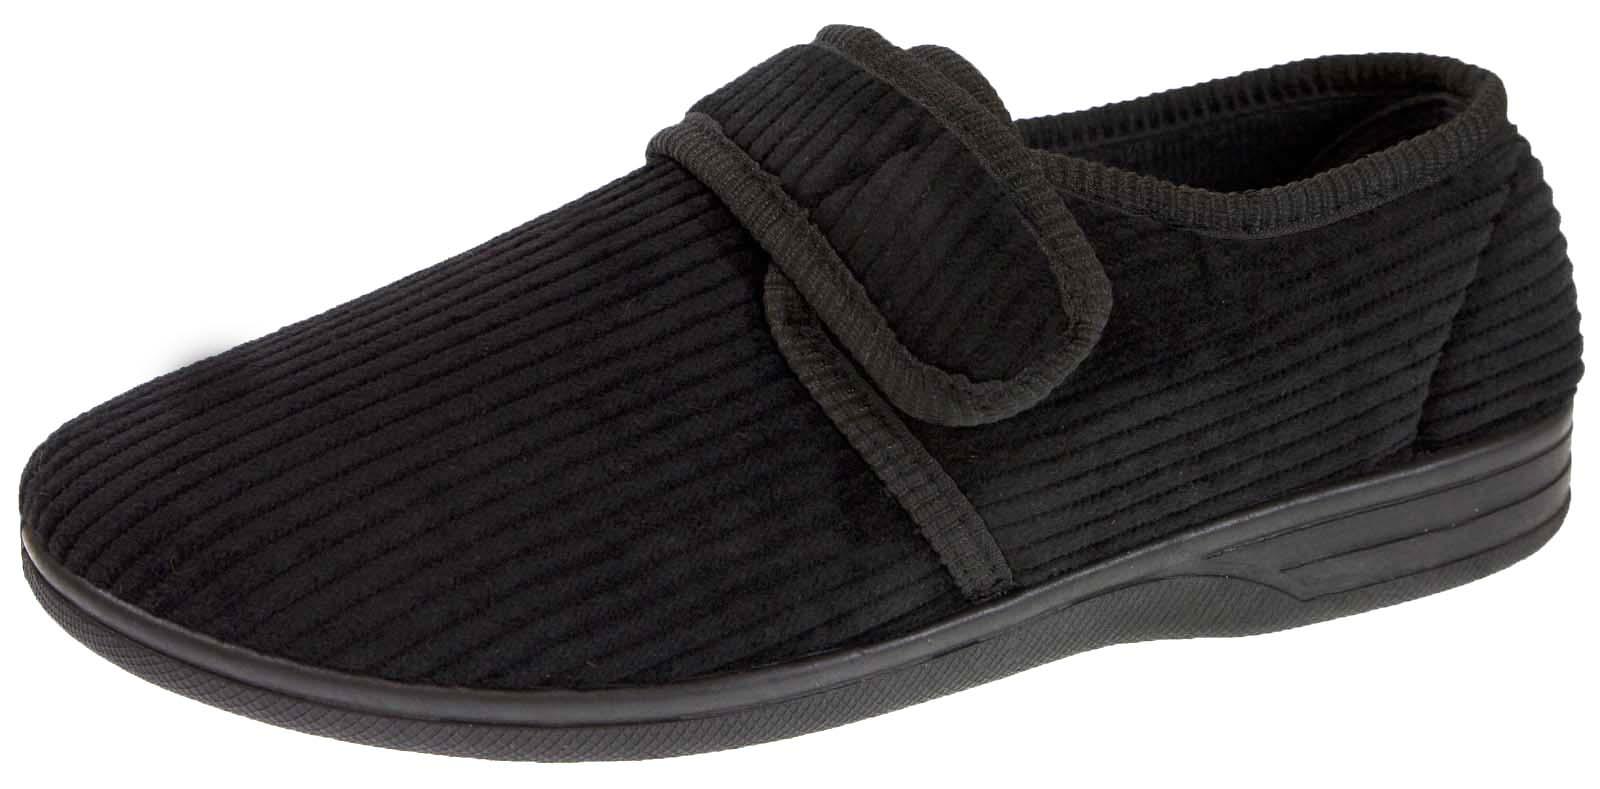 Mens slippers black velour velvet soft heel wide fit sizes 8 14 ebay for Mens bedroom slippers size 14